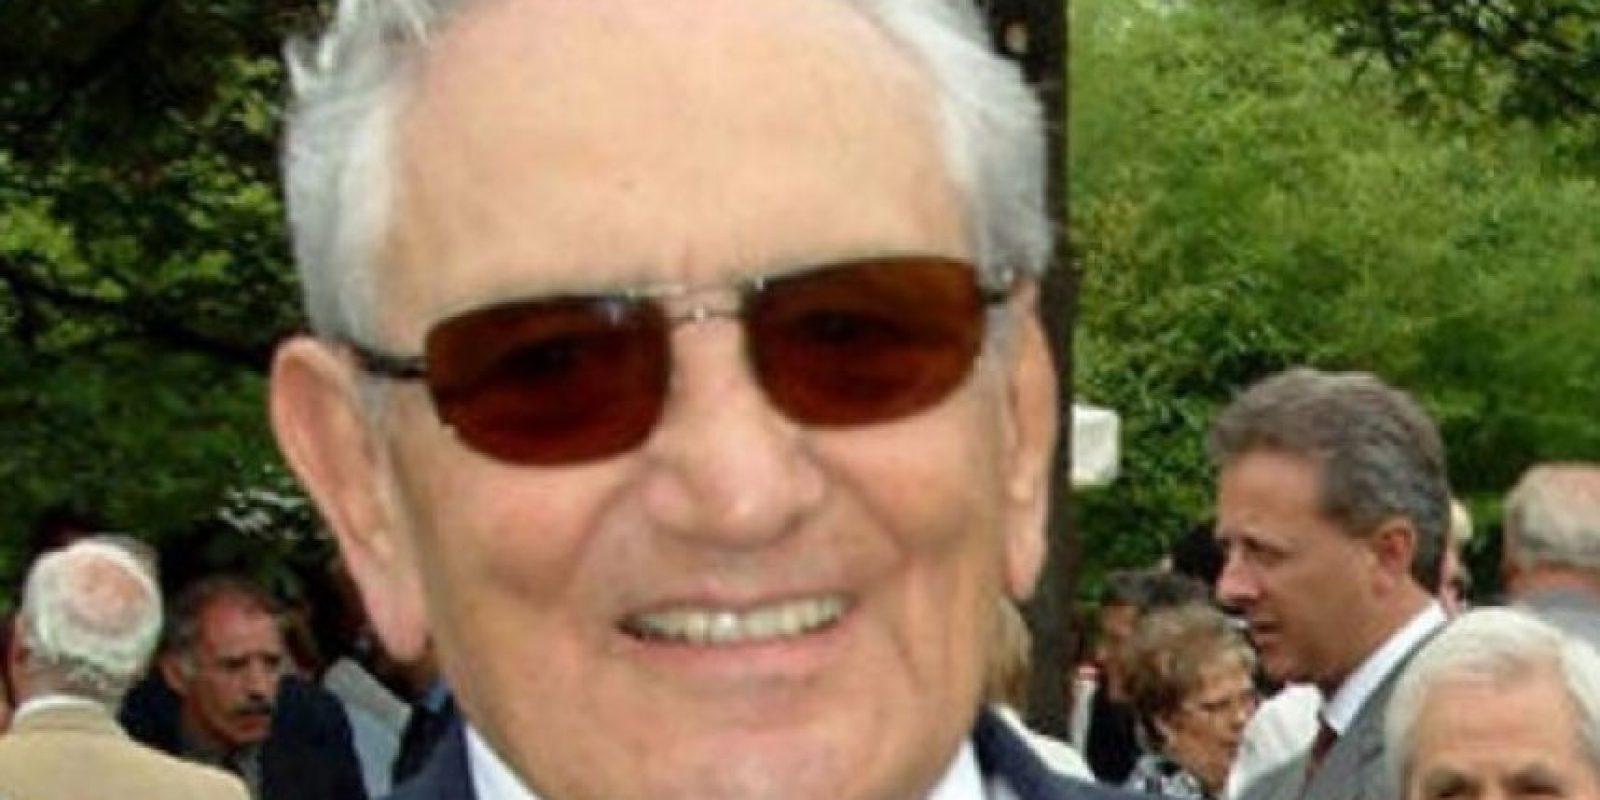 5. Michele cedió la gestión de la empresa a sus hijos Pietro y Giovanni Ferrero en 1997, pero Pietro falleció en 2011 por un paro cardíaco durante un viaje al proyecto social de Ferrero en Sudáfrica. Foto:Wikipedia